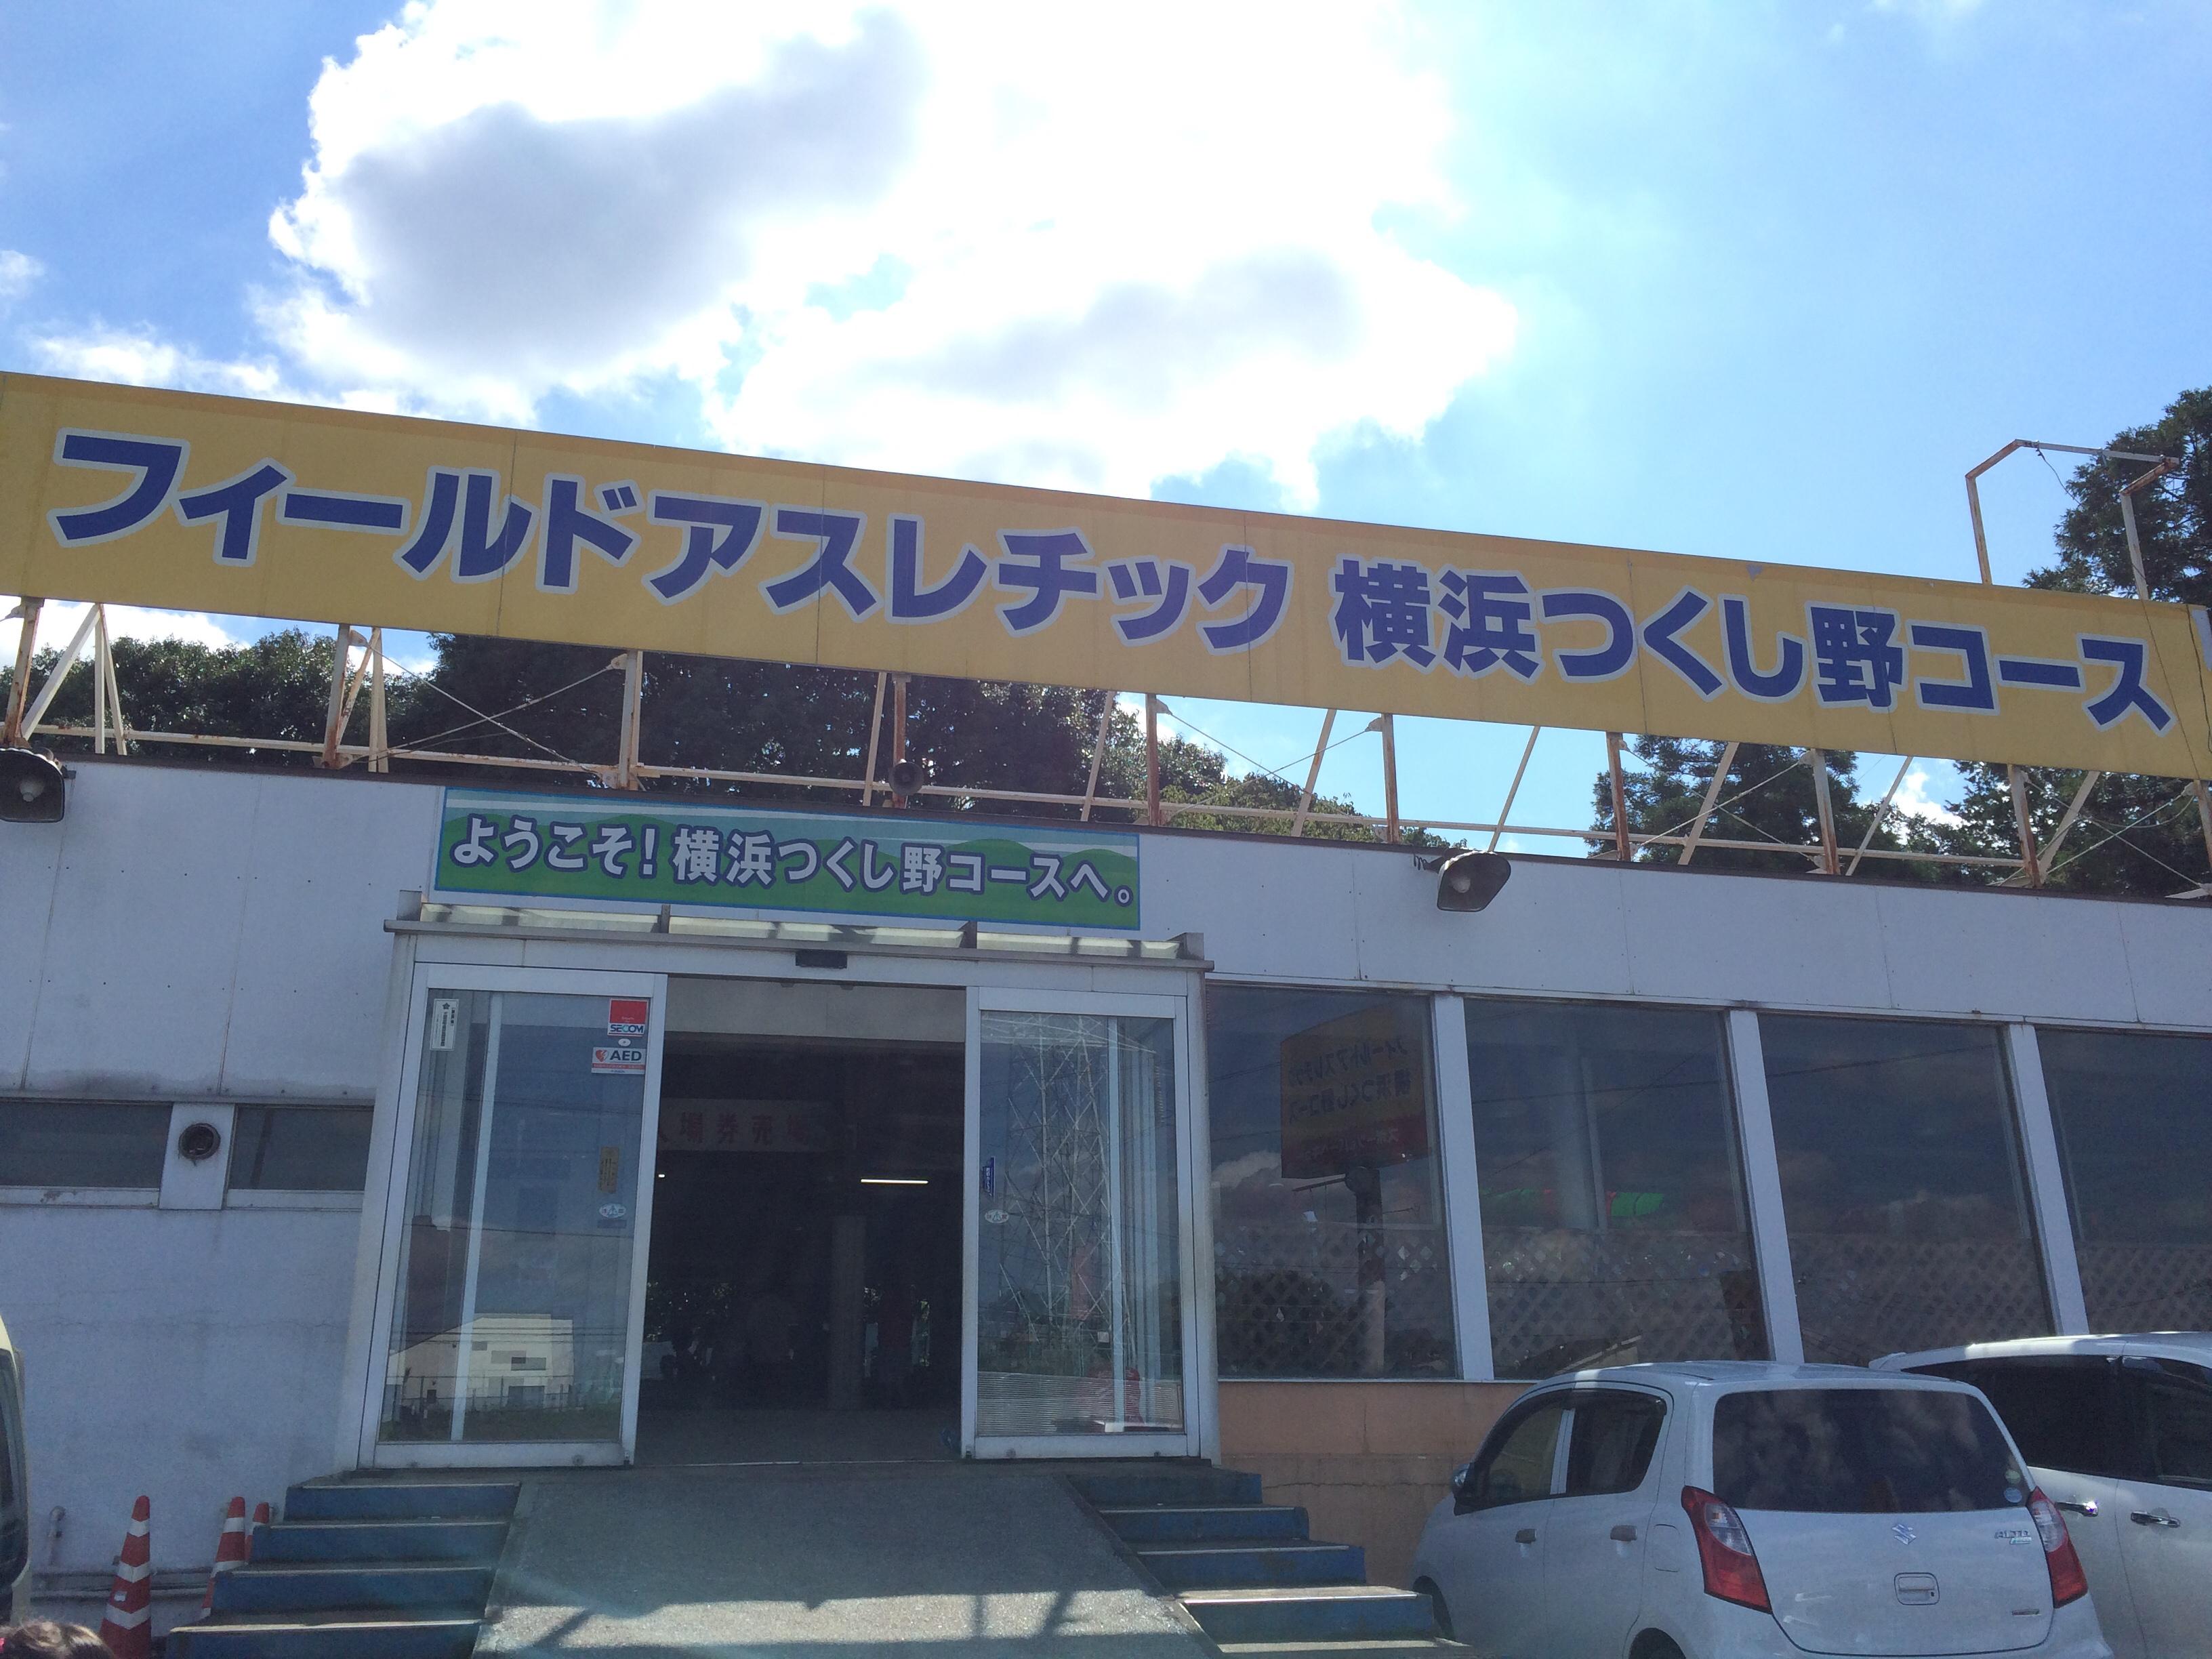 【シルバーウィークお出かけ報告】横浜つくし野アスレチックへ!